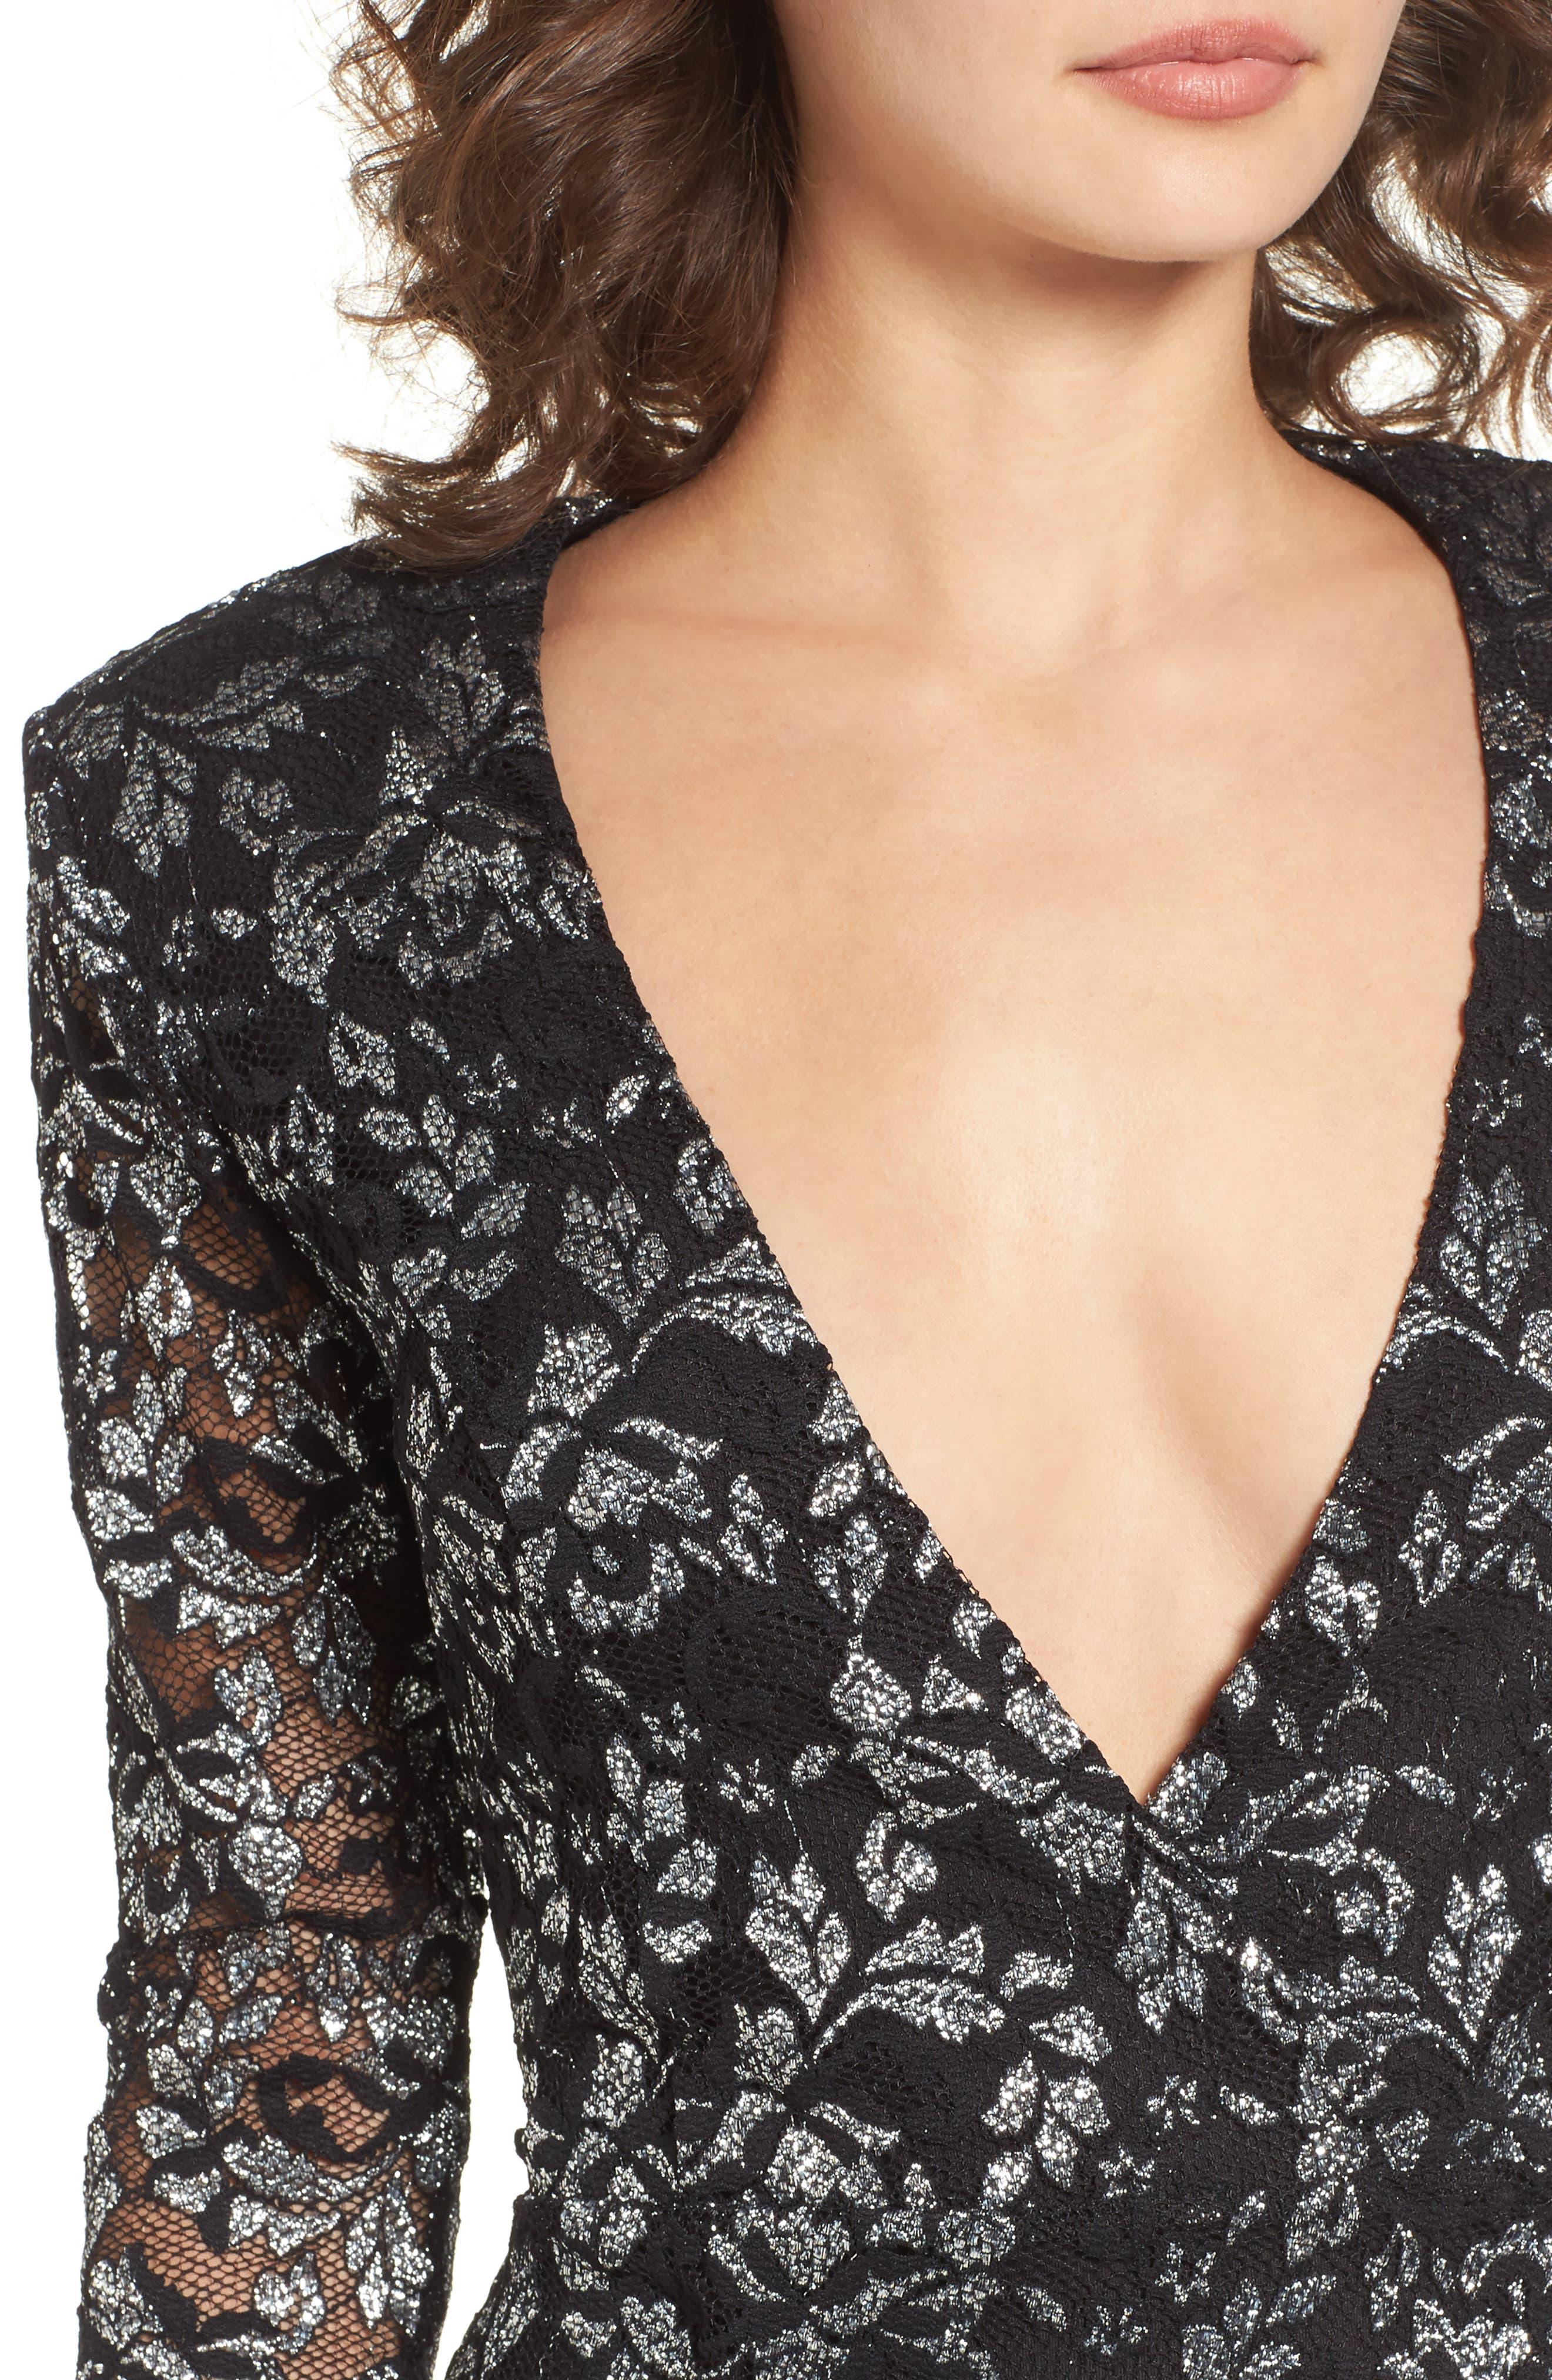 Laney Metallic Lace Wrap Dress,                             Alternate thumbnail 4, color,                             Black/ Silver